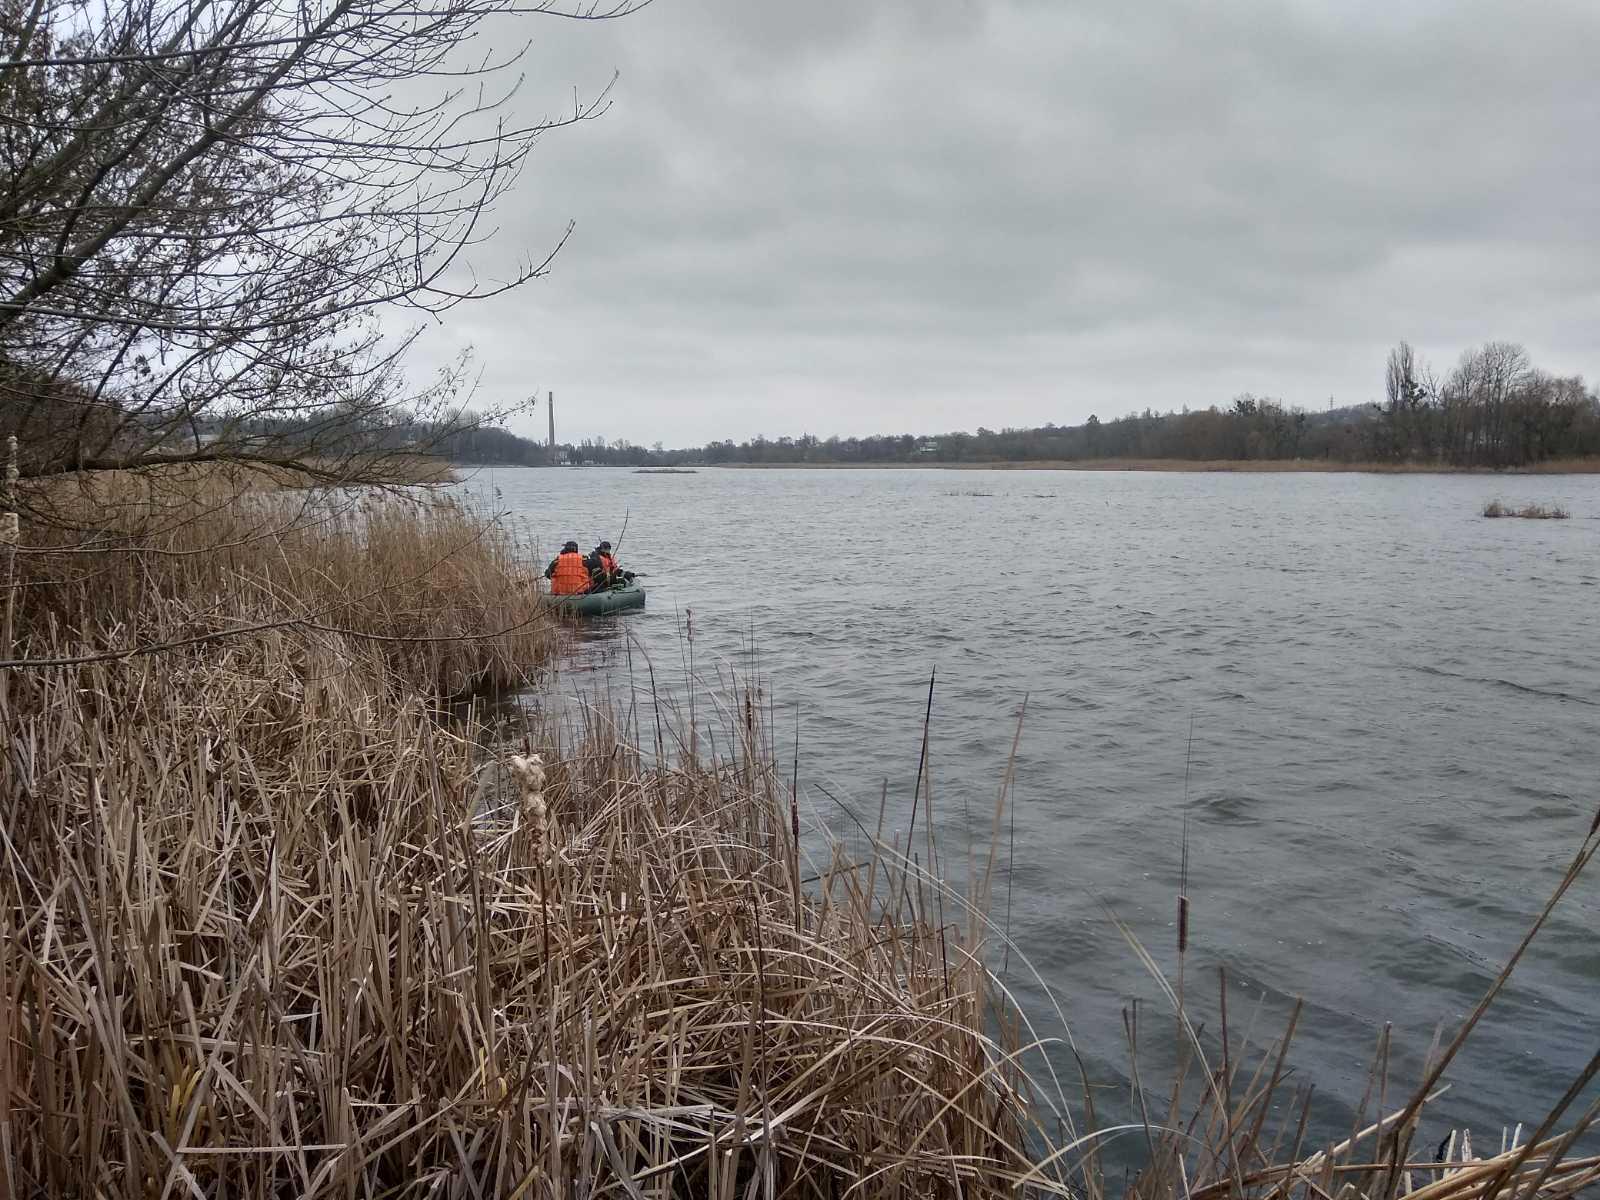 Тетіївські рятувальники дістали лебедя із рибальської сітки -  - 0 02 05 3f546210b1f7f8e4317d63373c218b177d6dcf33b8dbc97ad68977afc0262170 9969338c